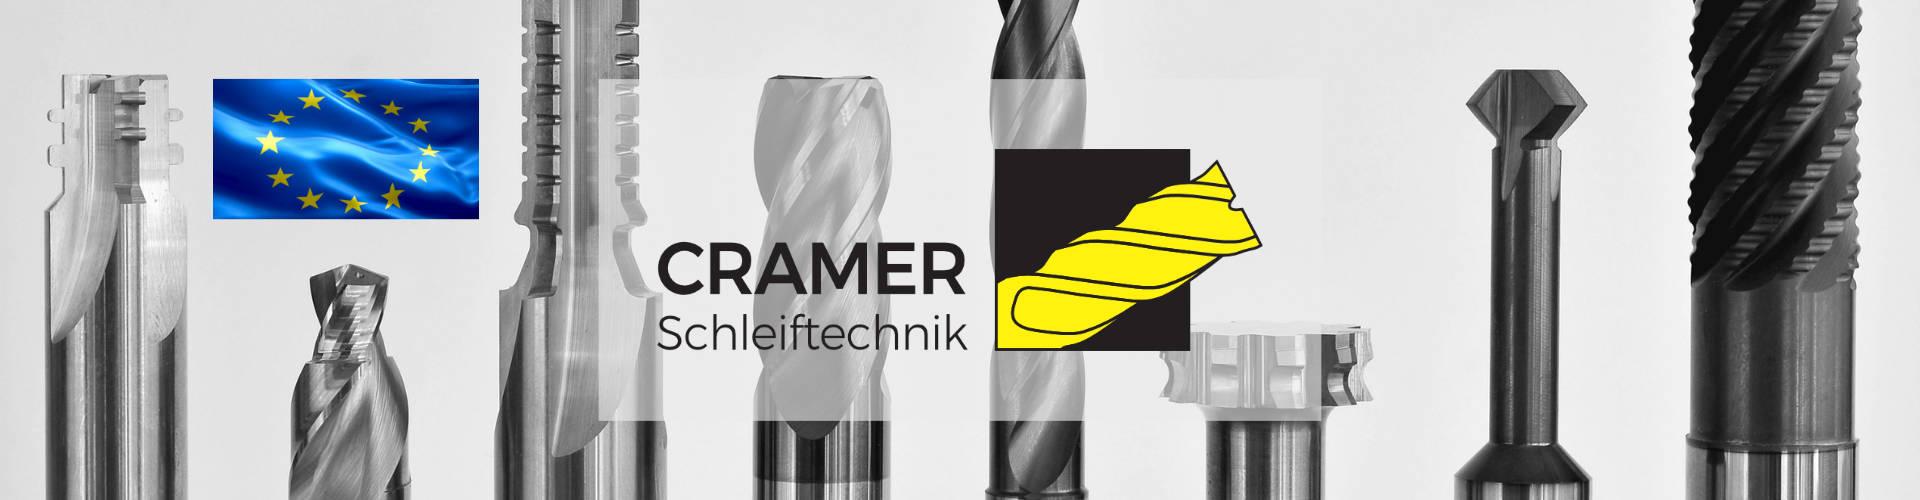 CRAMER Schleiftechnik aus Nordrhein-Westfalen